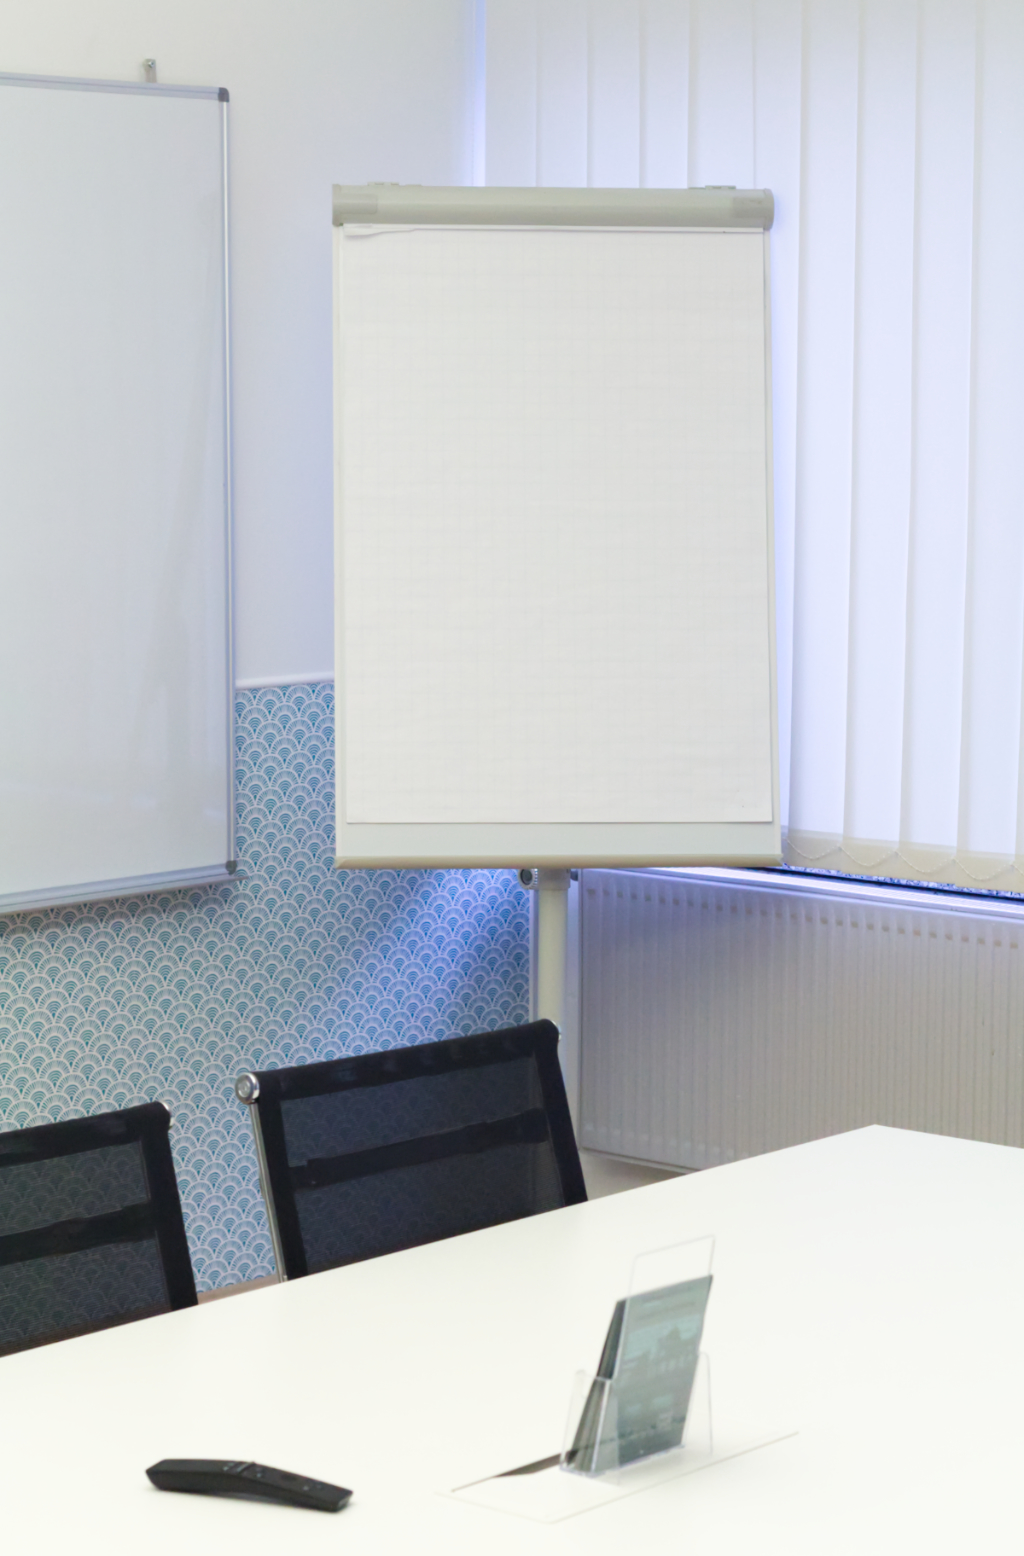 Meetingraum in Ahrensburg mit Flipchart und Kreativfläche für produktive Termine und Besprechungen. Konferenzraum im Work Kontor Ahrensburg.